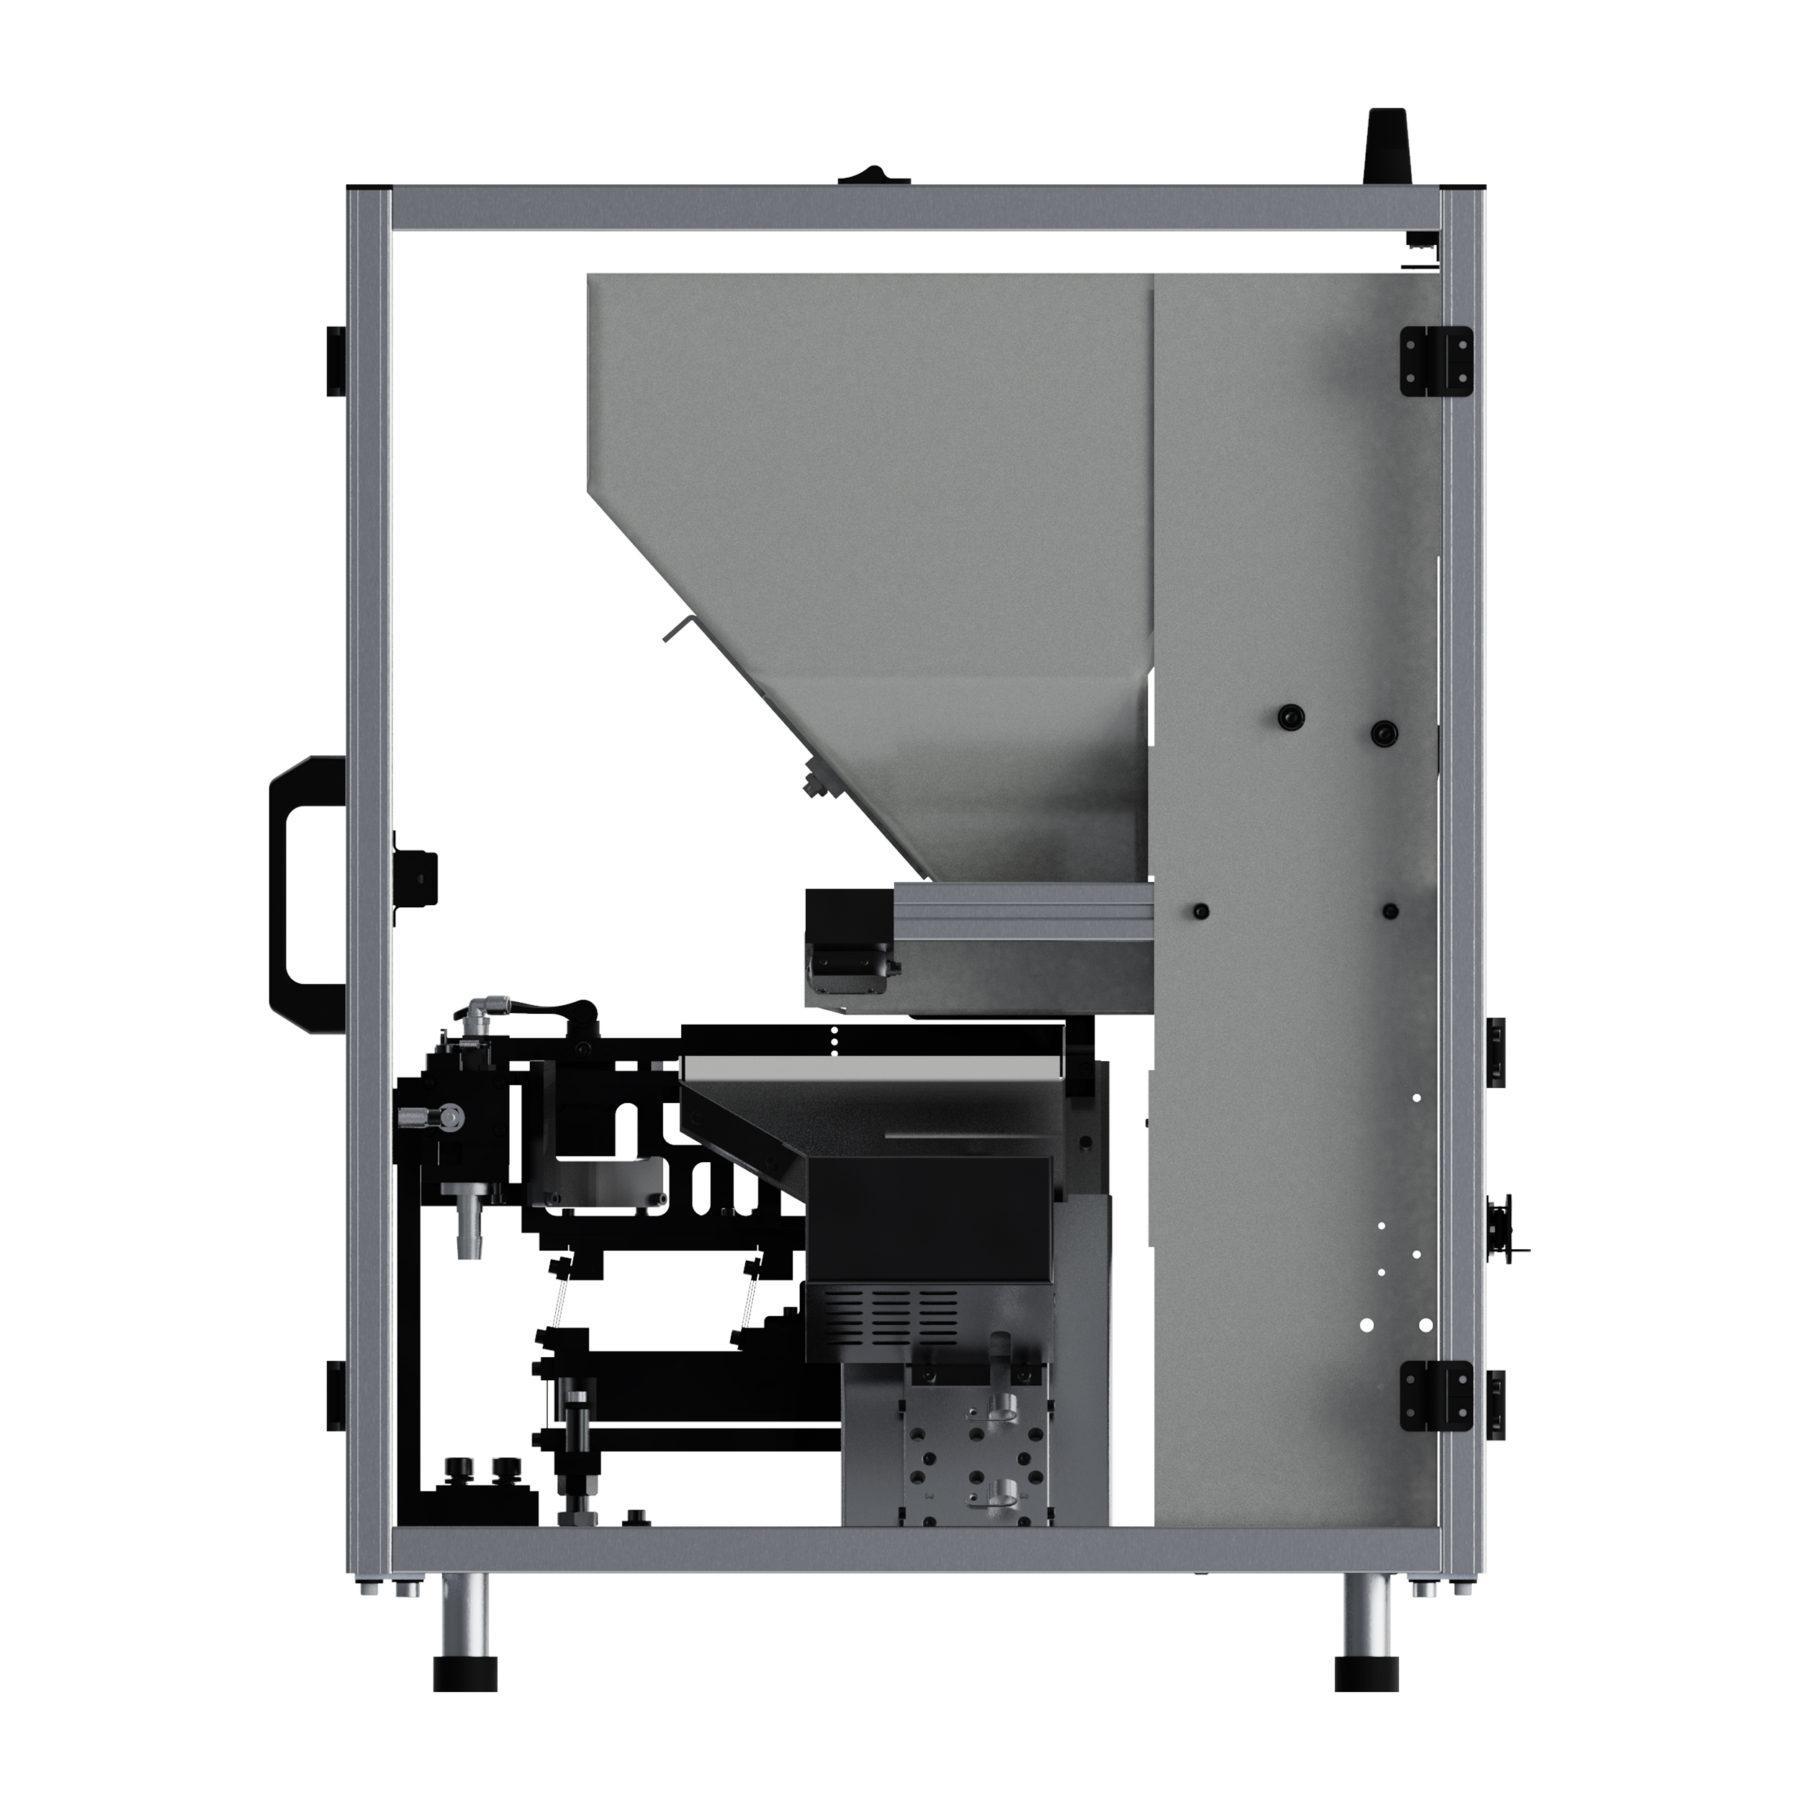 S35 Automatic Step Feeder Screw Feeding Carlson Engineering Side 20